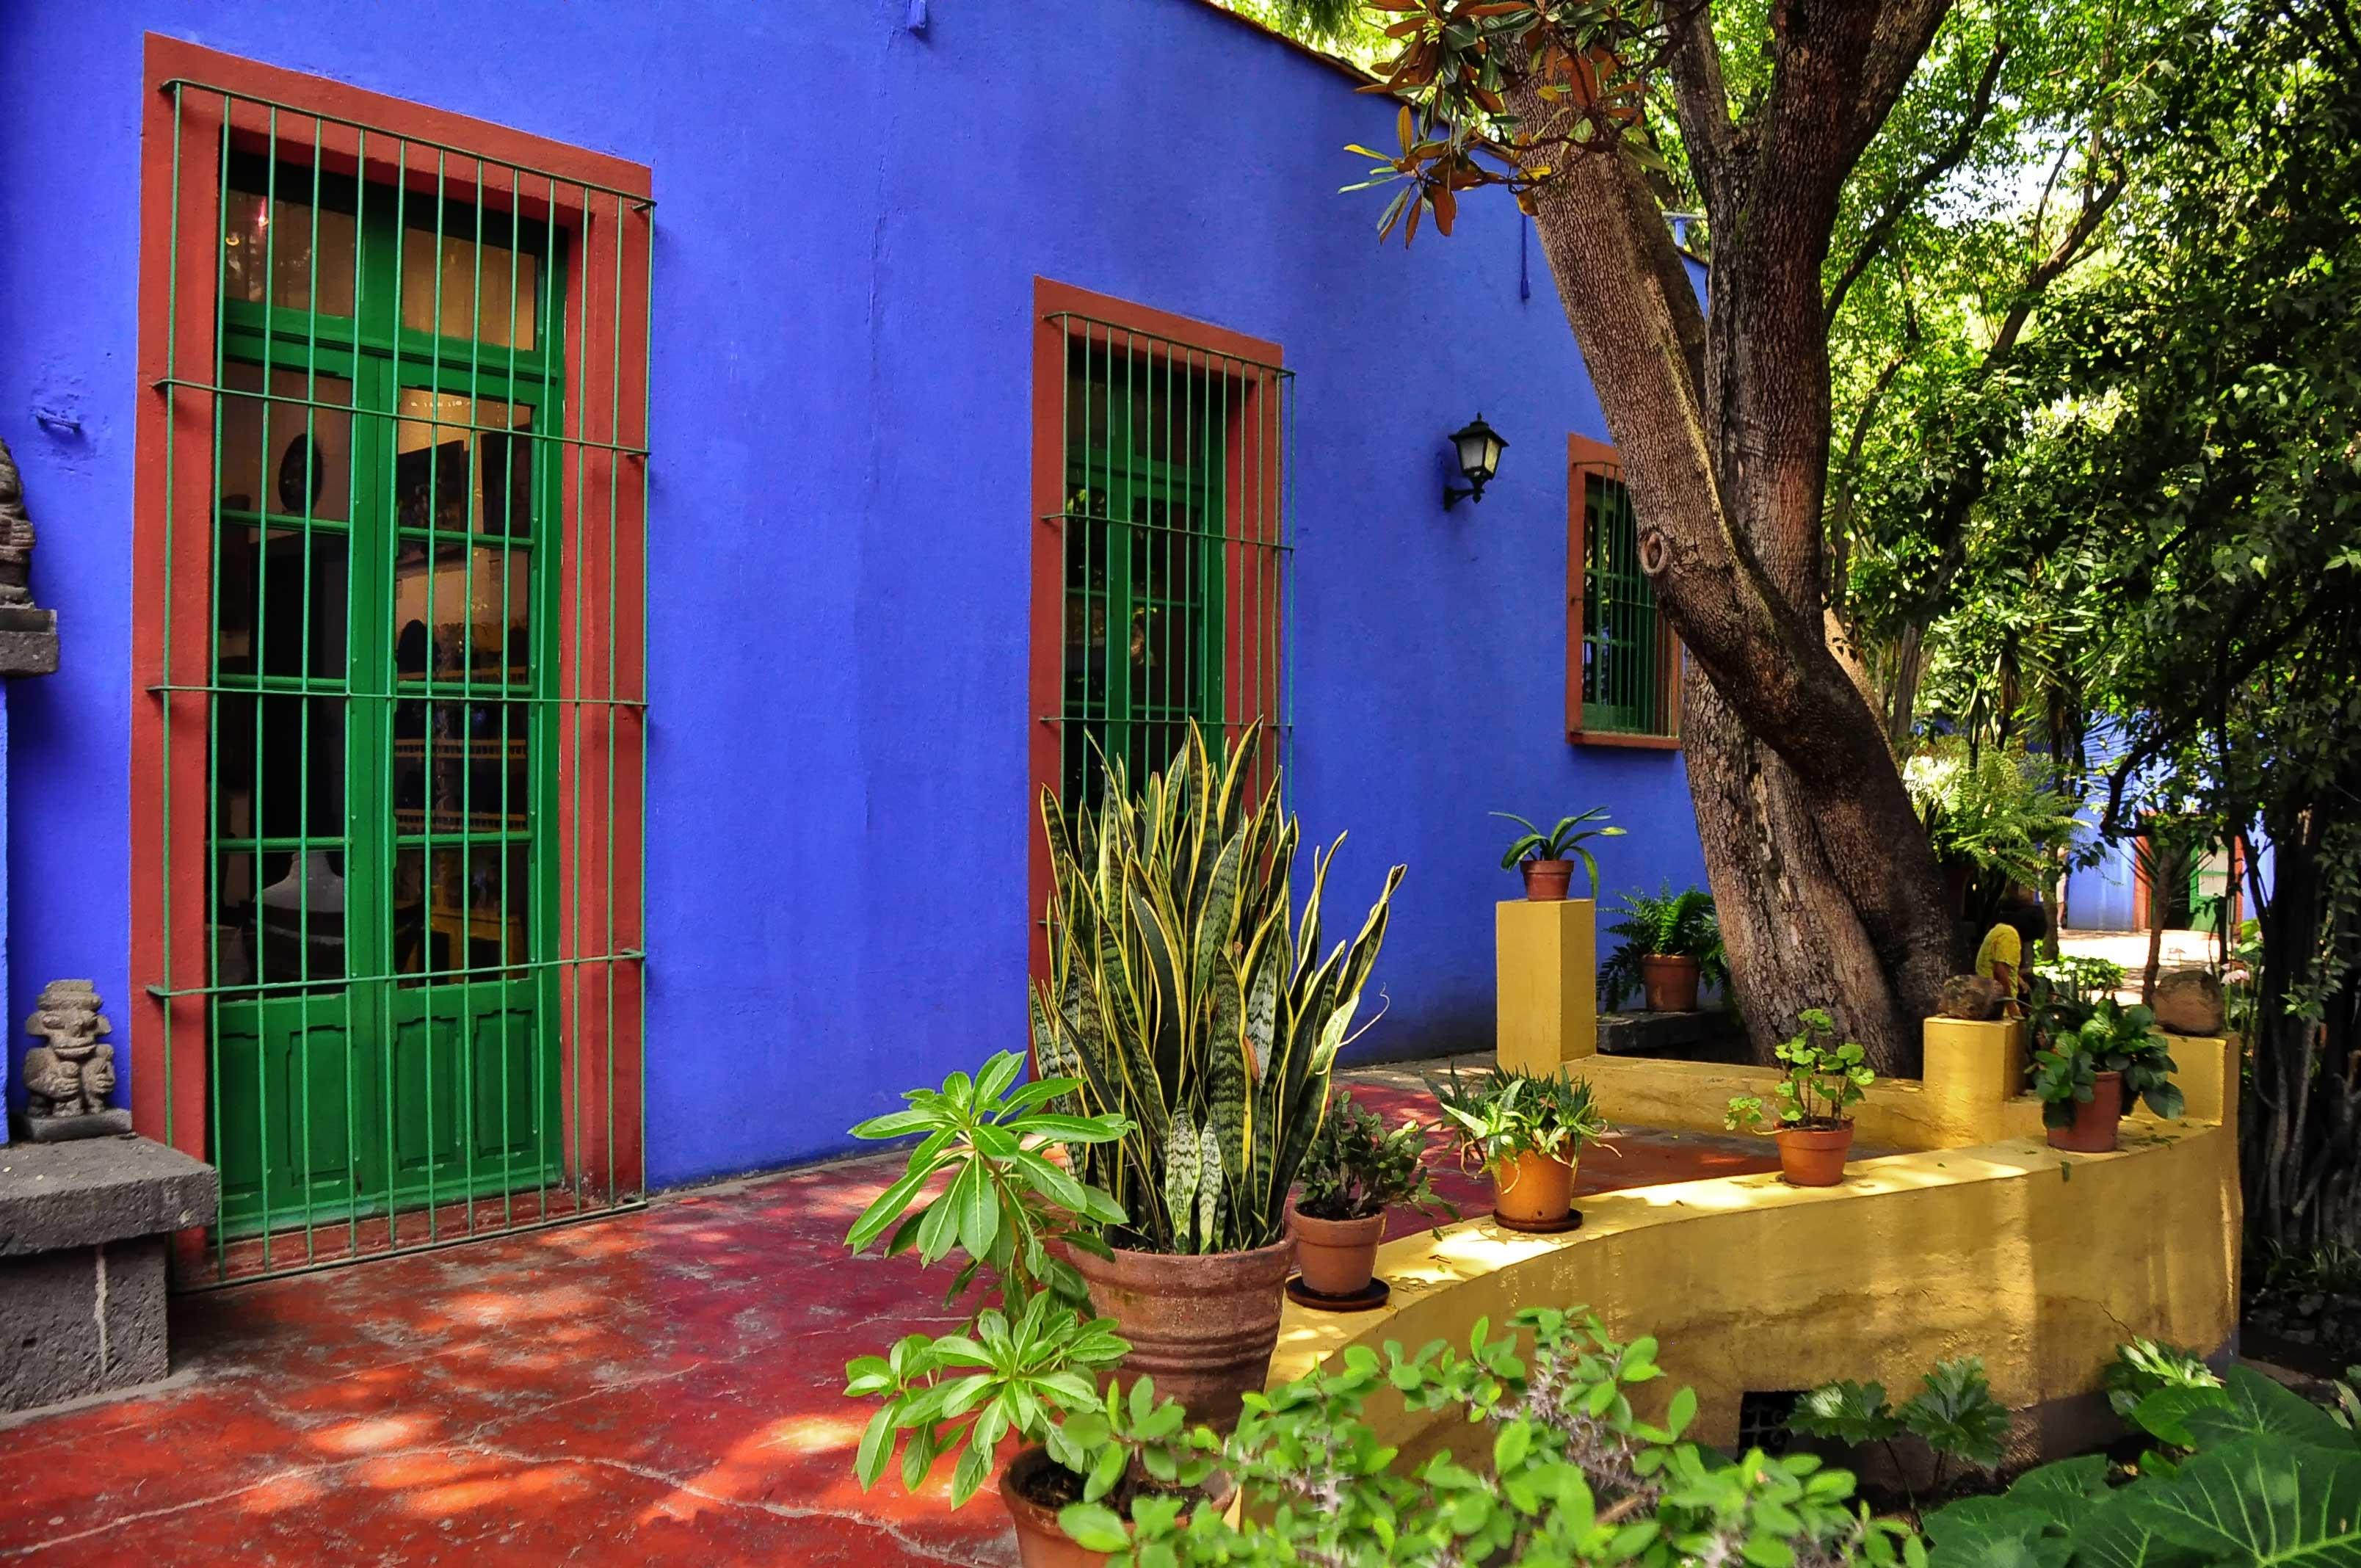 Jardins do atual museu da Frida Kahlo. A Casa Azul onde a artista passou a maior parte da vida dela.